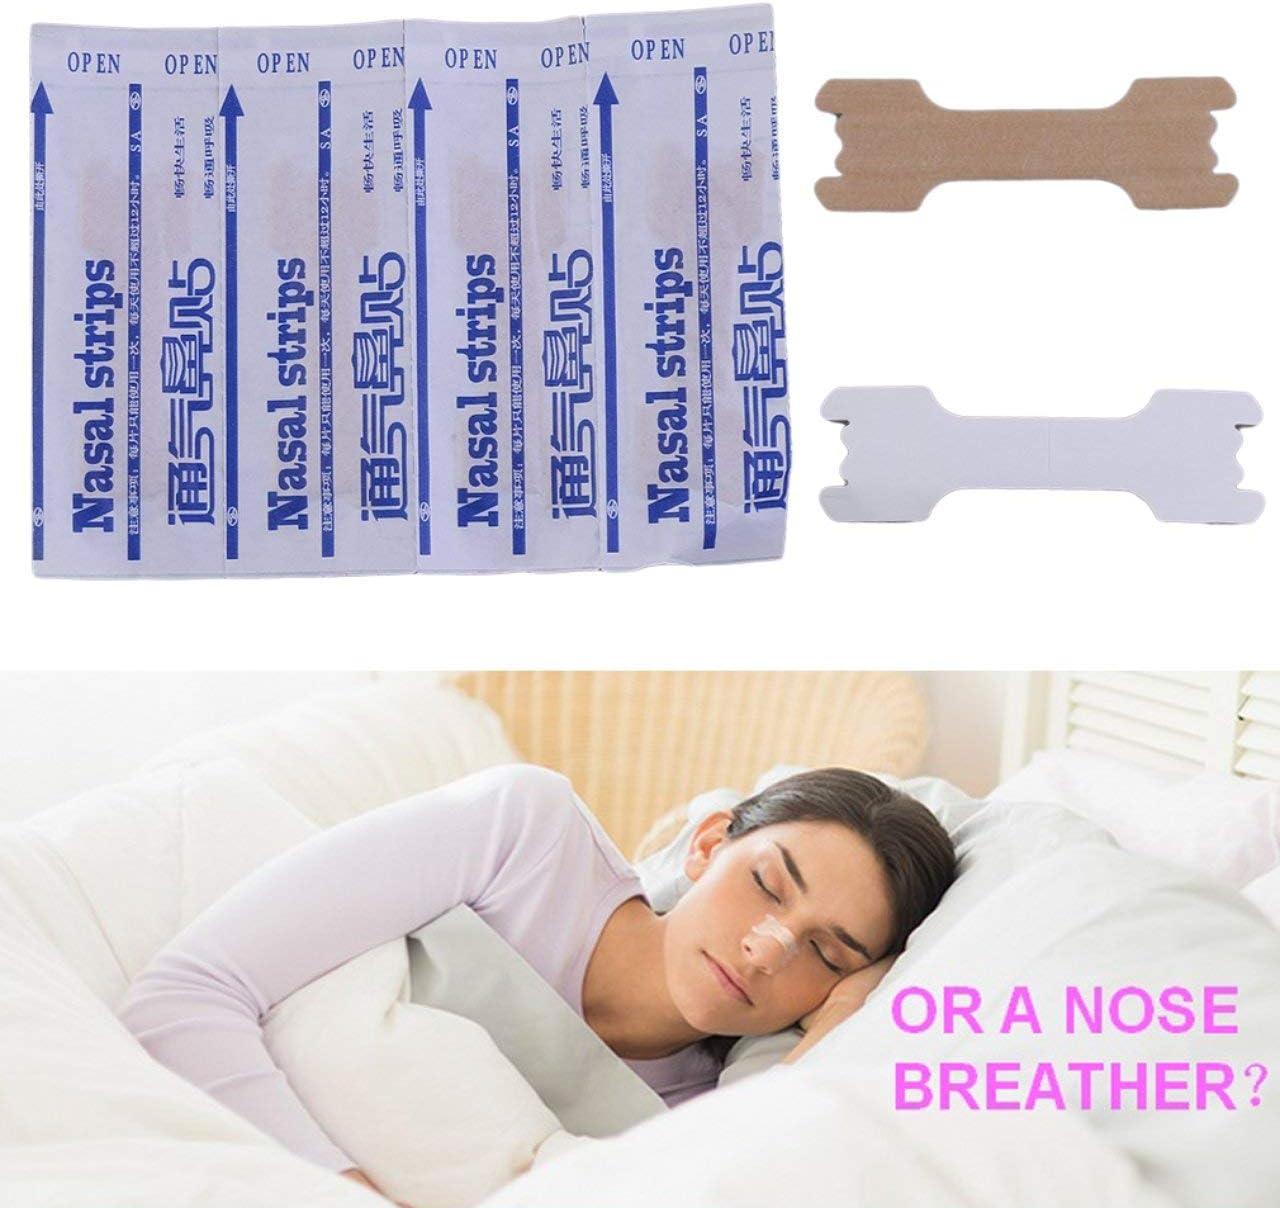 fFRtprintse 50pcs Grande Respiration bandelettes nasales Droit Chemin pour arr/êter de ronfler Bandes Anti ronflement Plus Facile Respirer Dormir Soins de sant/é Humaine